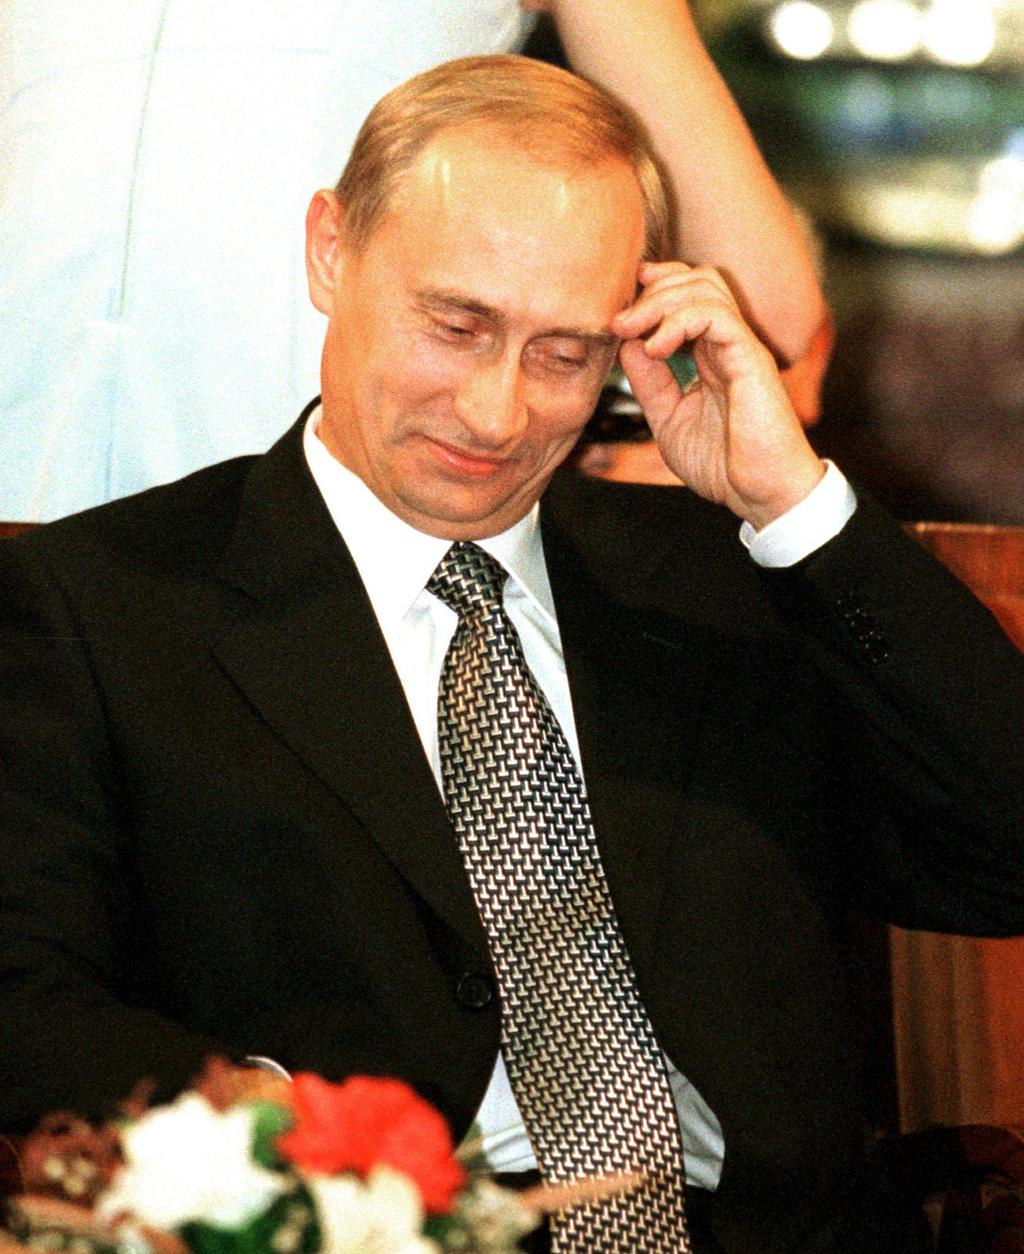 putin - 4 1565448200 - 20 năm cầm quyền của Tổng thống Putin: Từ nhà cải cách đến lãnh đạo cứng rắn